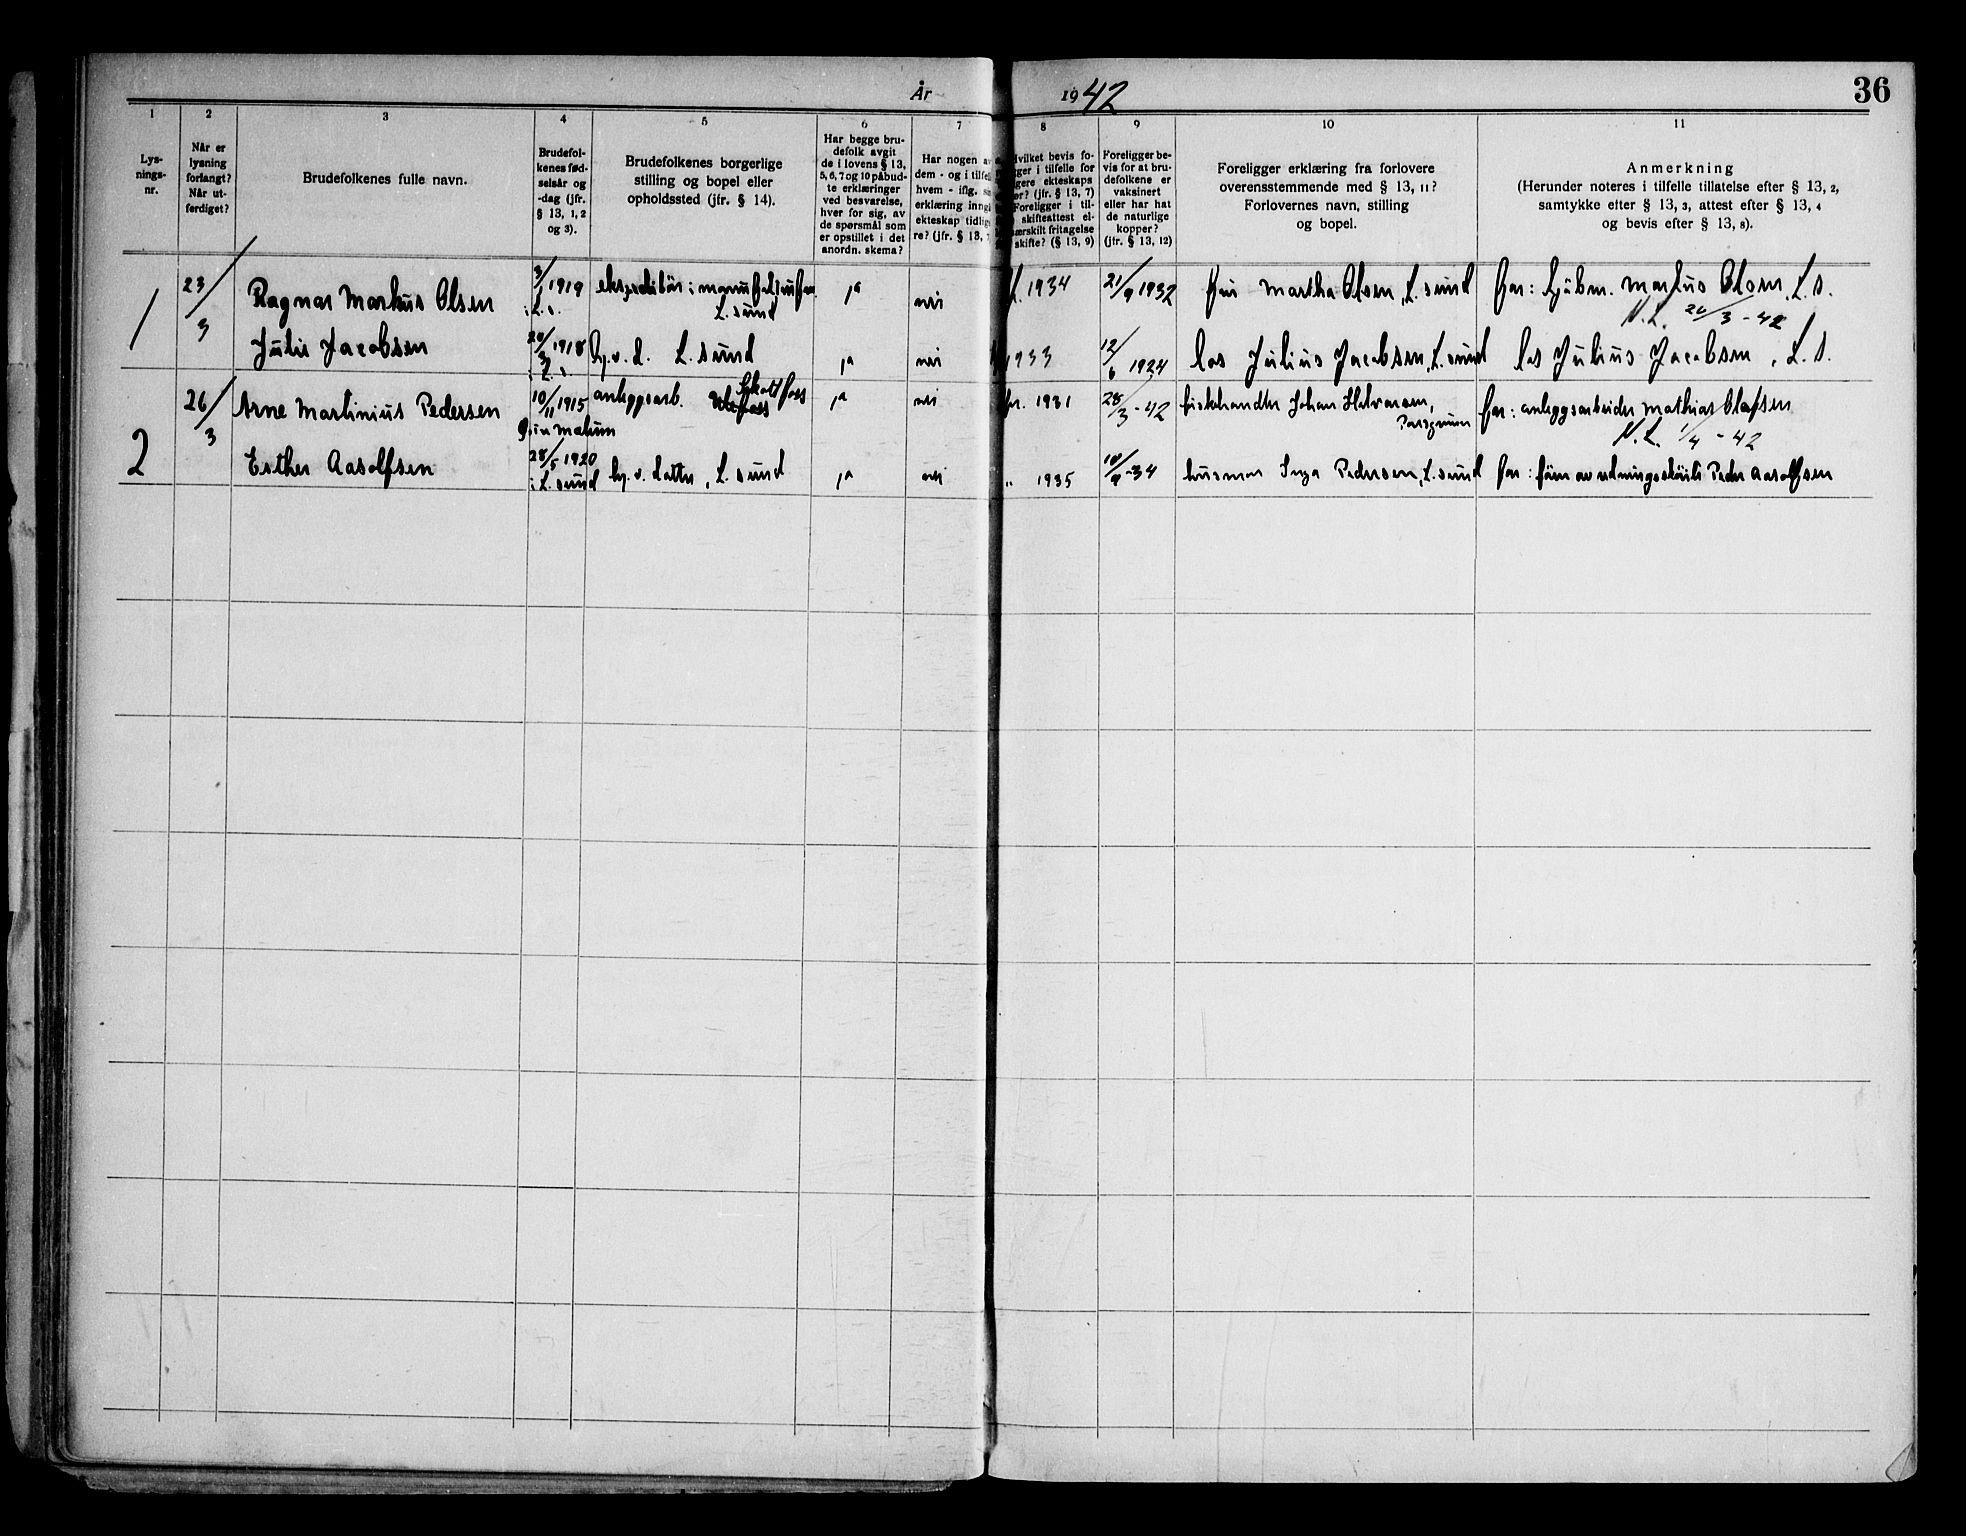 SAKO, Langesund kirkebøker, H/Ha/L0001: Lysningsprotokoll nr. 1, 1919-1973, s. 36